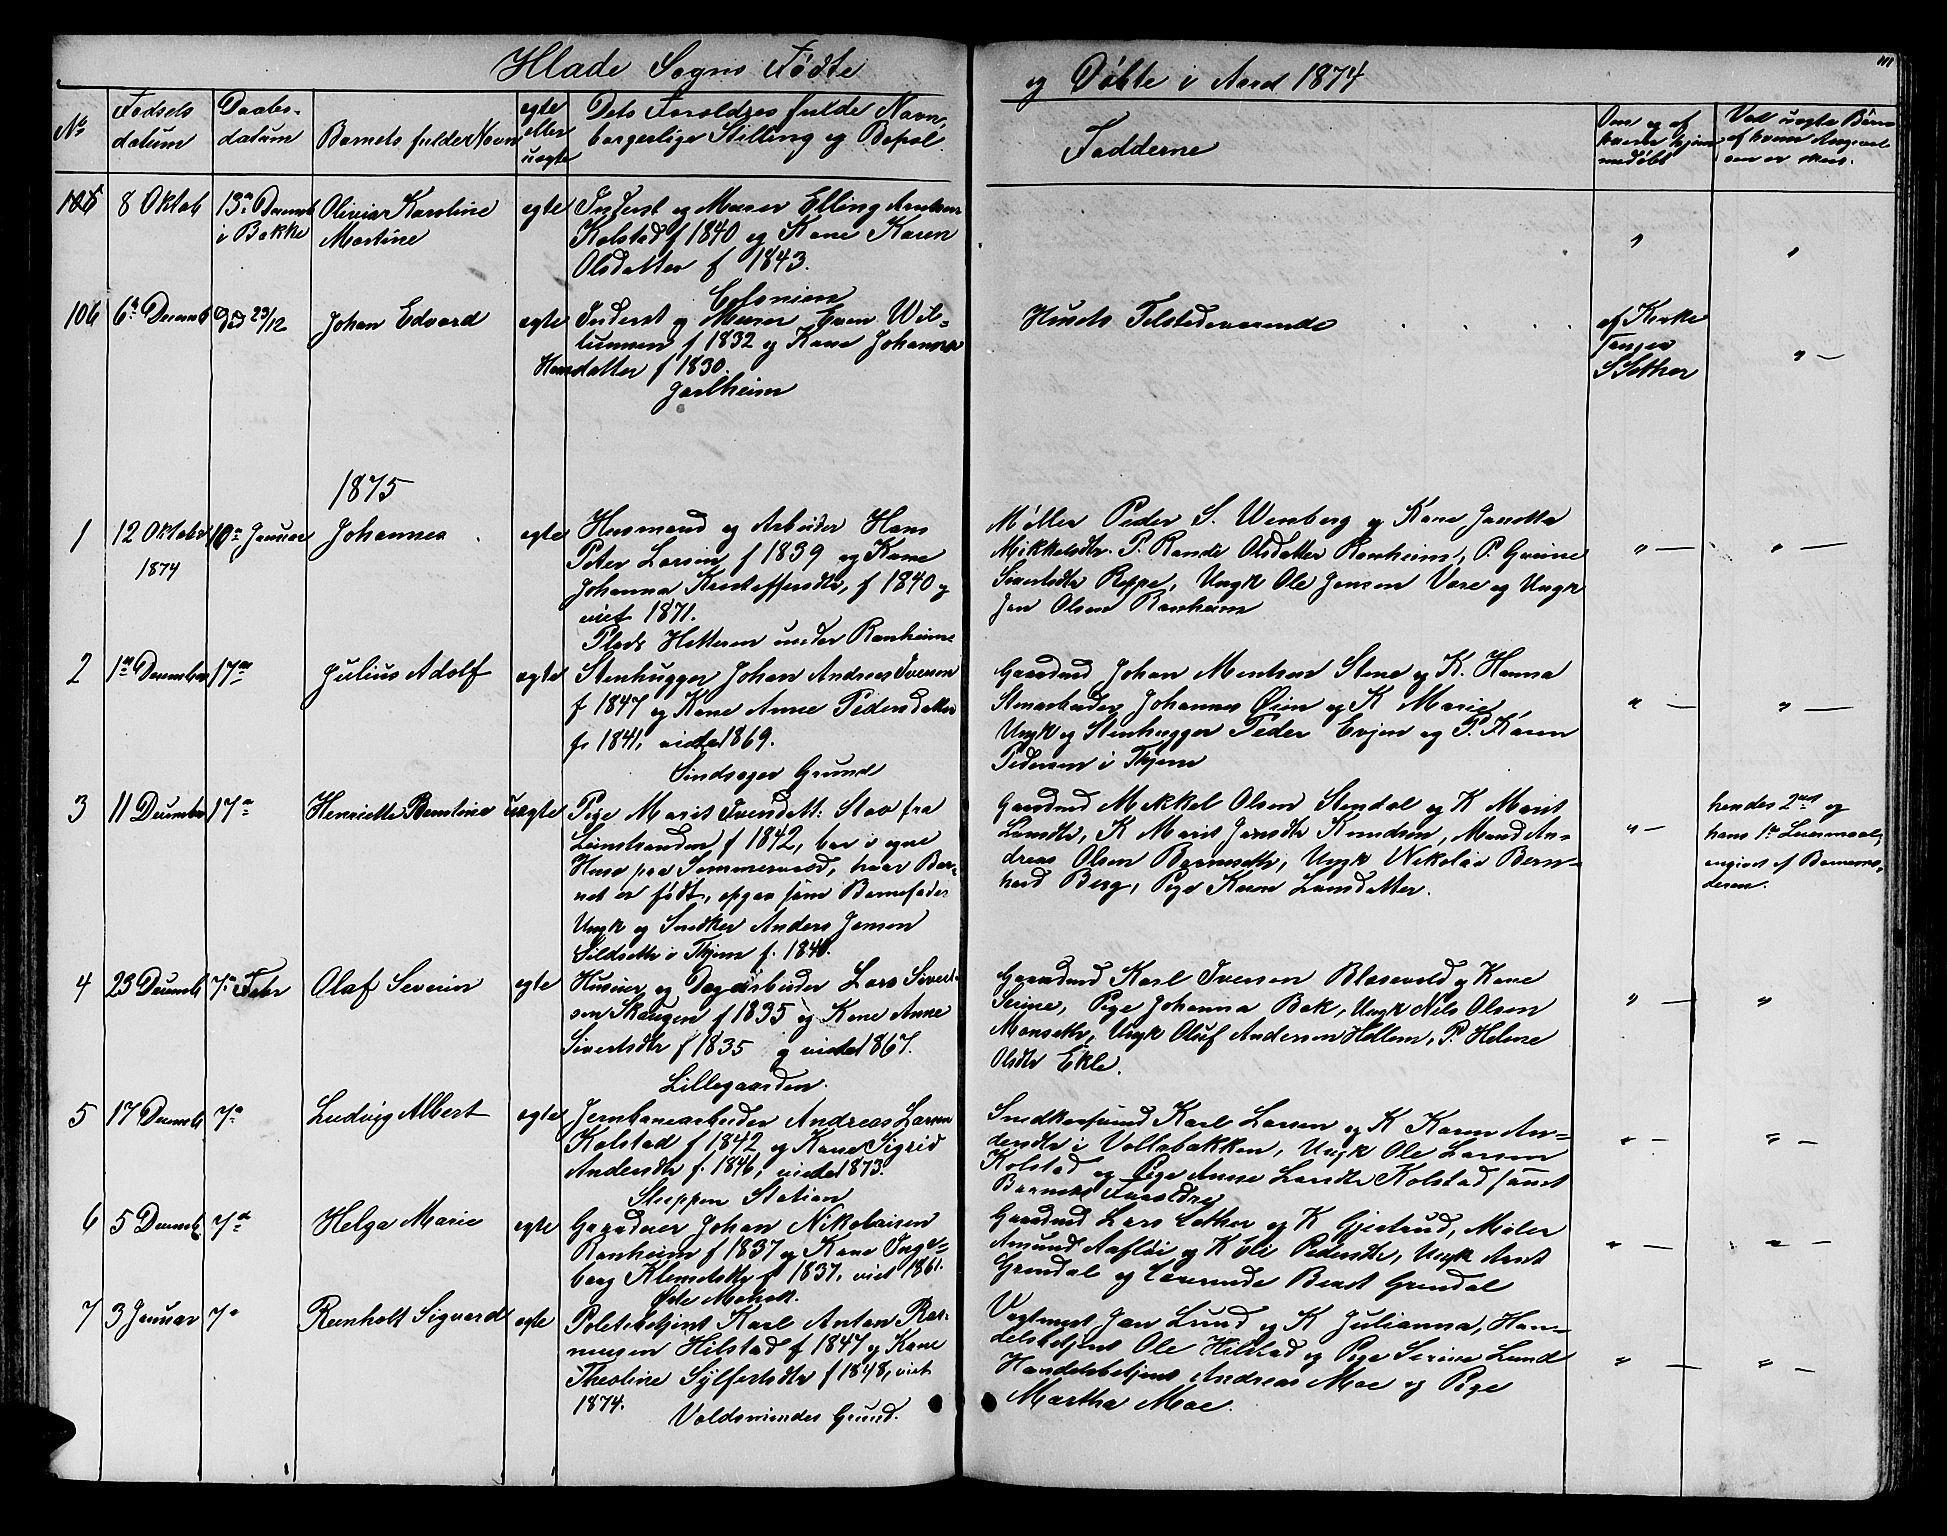 SAT, Ministerialprotokoller, klokkerbøker og fødselsregistre - Sør-Trøndelag, 606/L0311: Klokkerbok nr. 606C07, 1860-1877, s. 111